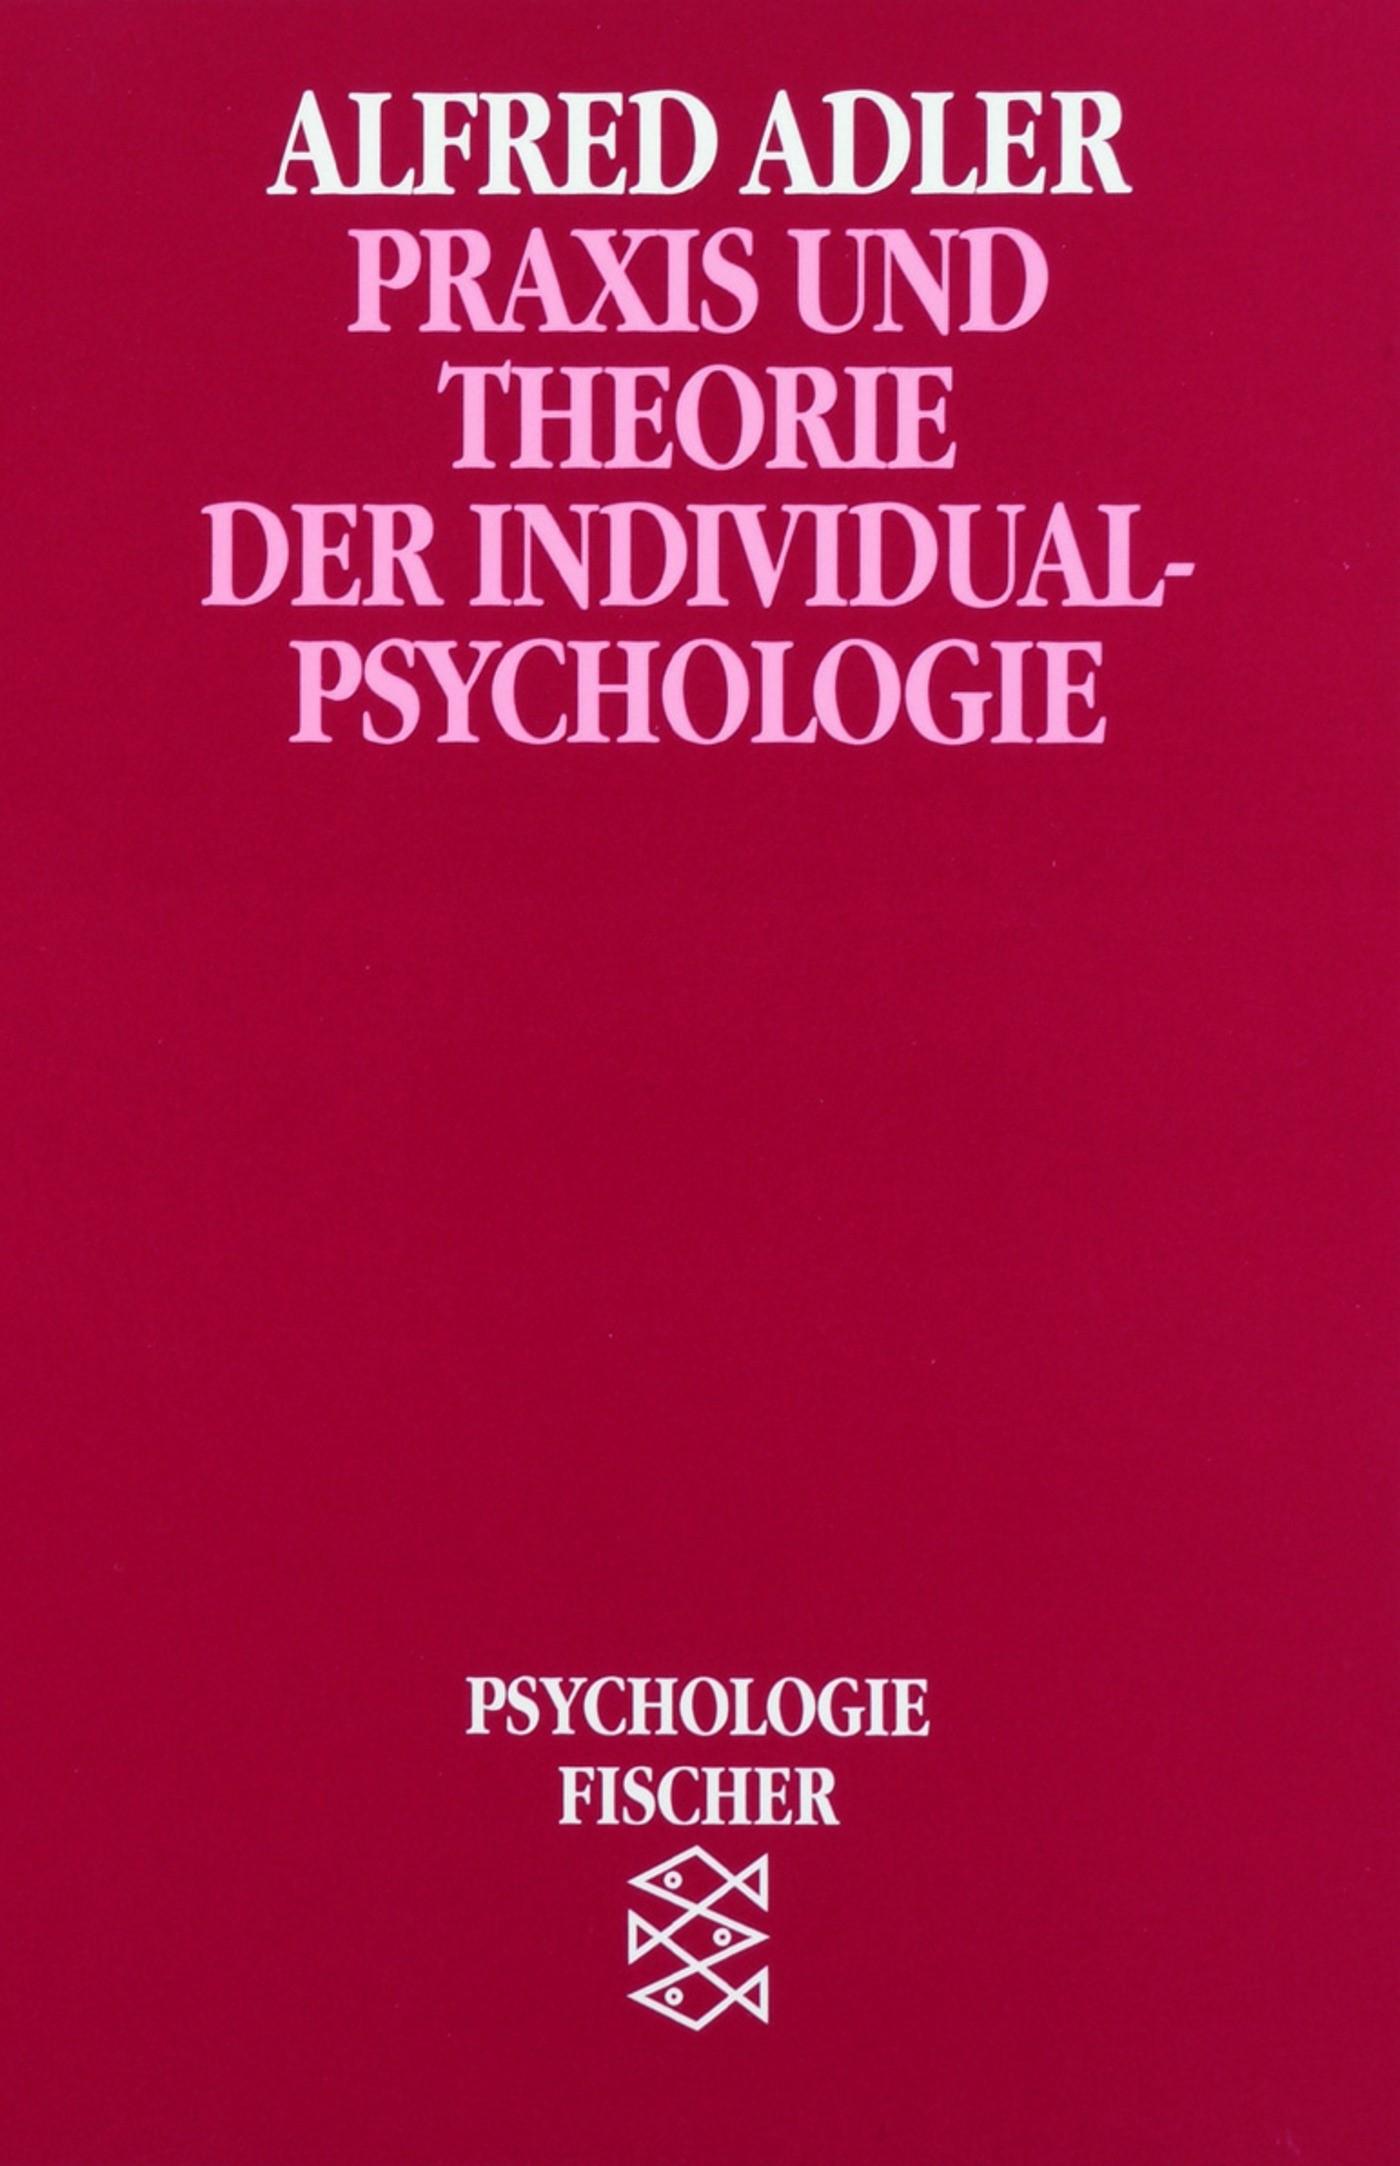 Praxis und Theorie der Individualpsychologie   Adler, 1974   Buch (Cover)